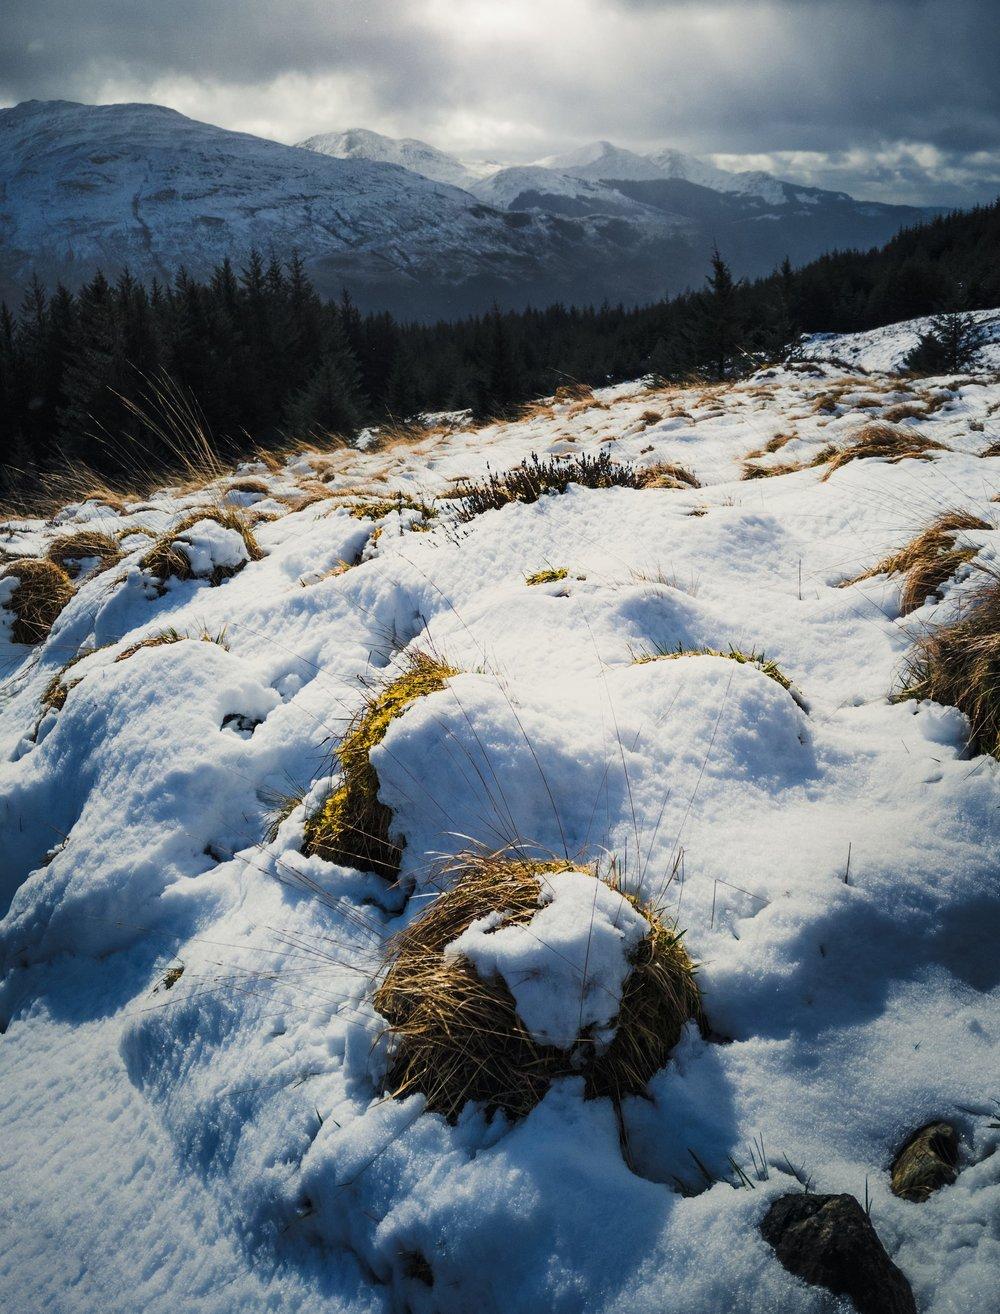 Loch_Lomond-full-08.jpg